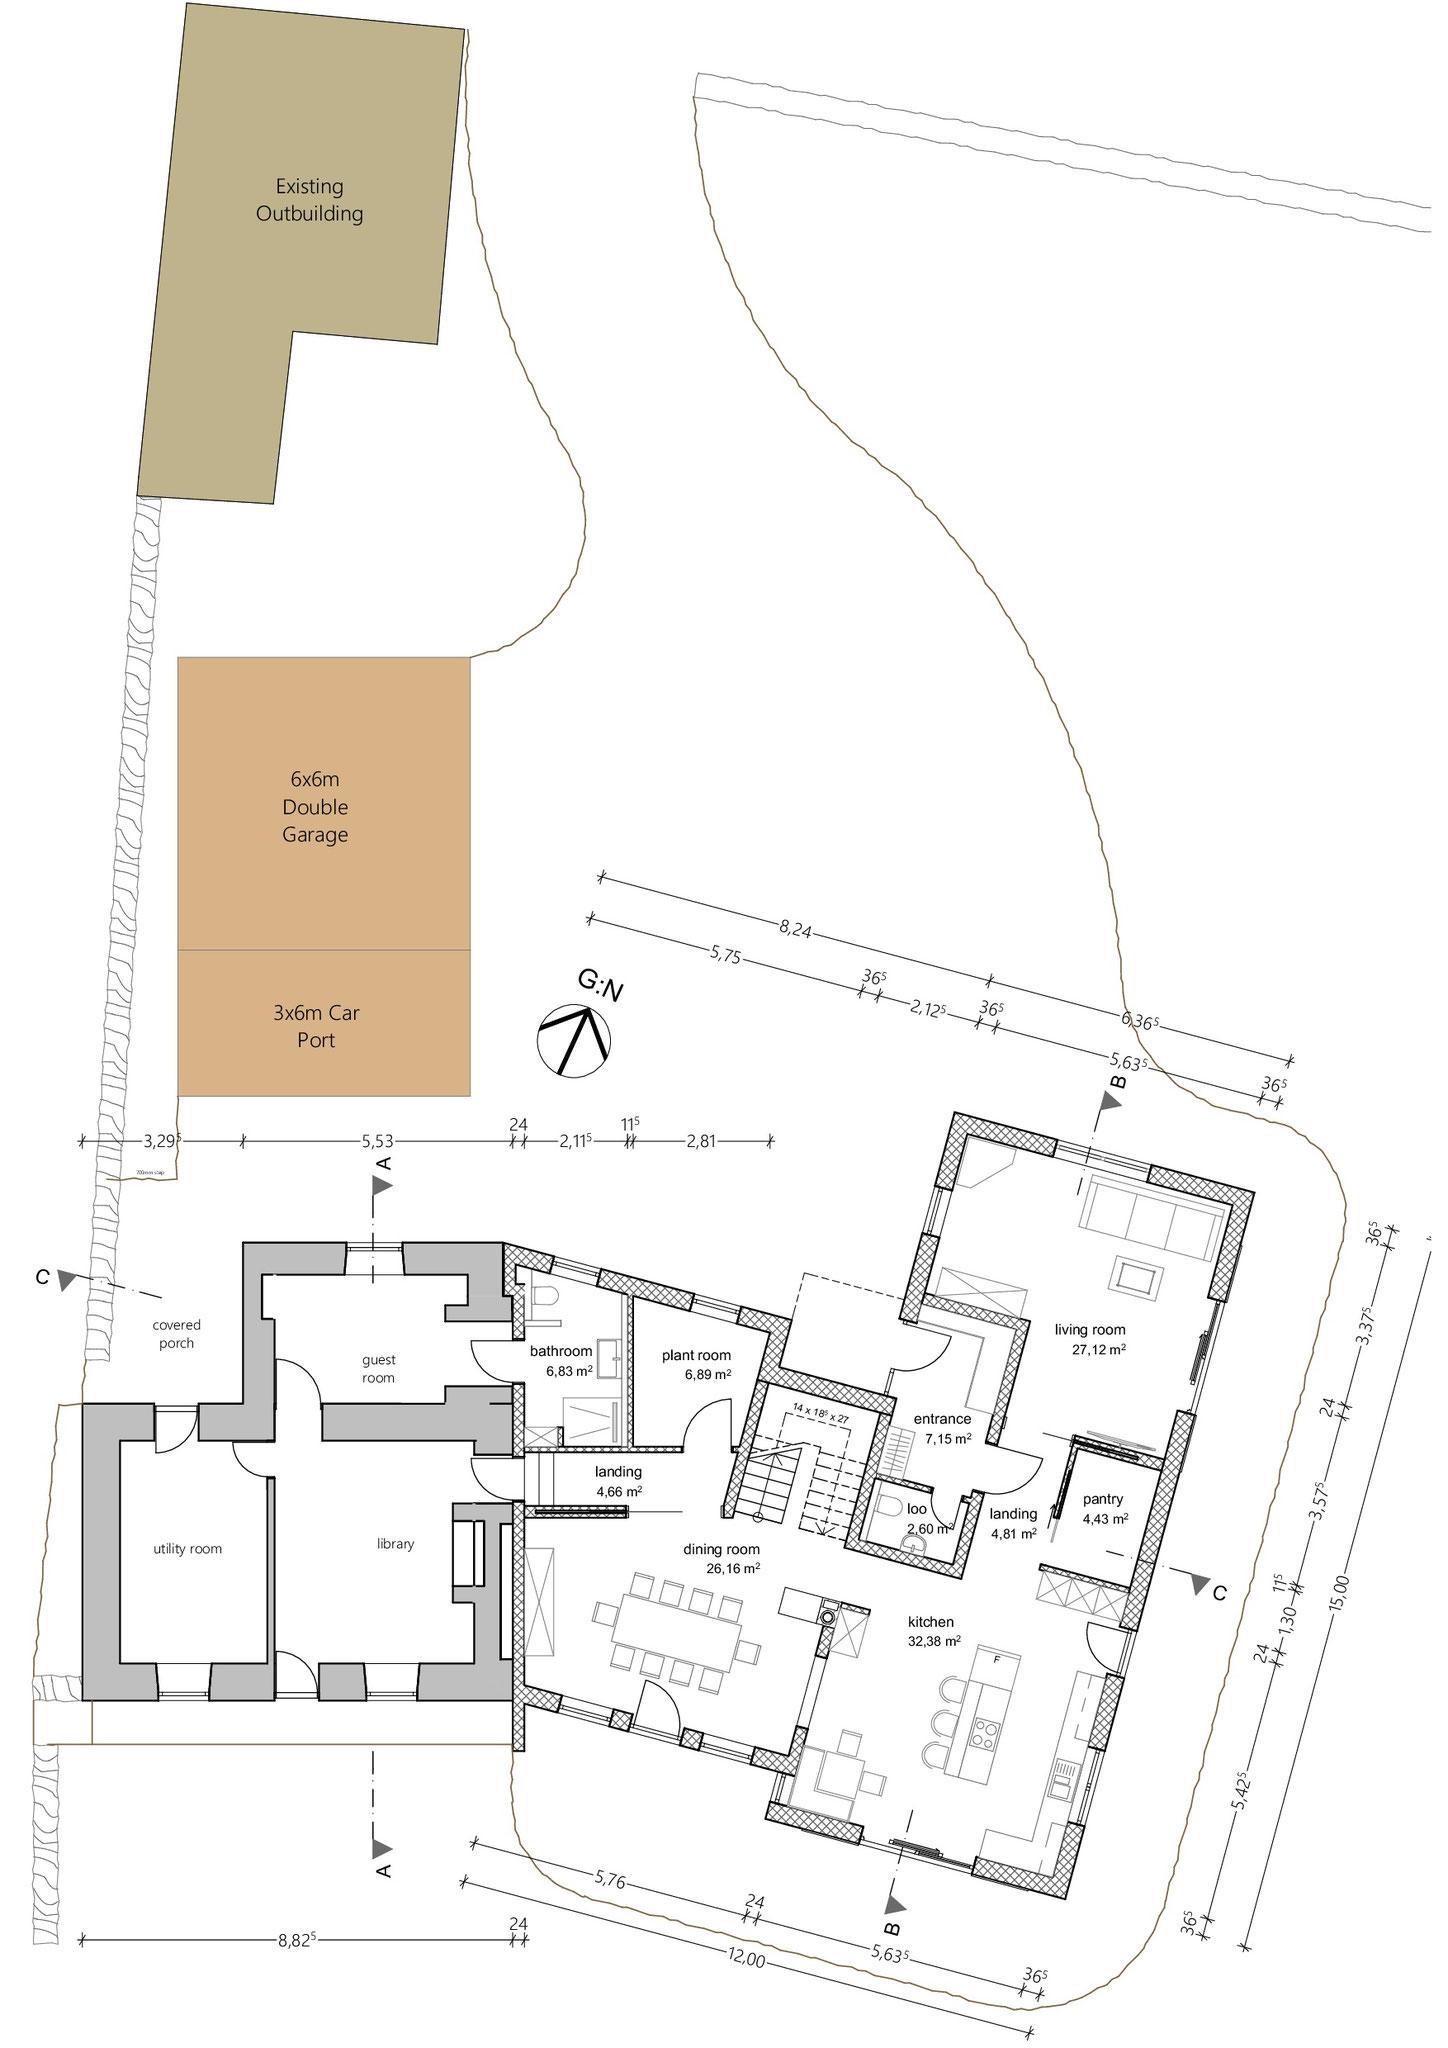 Grundriss, Erdgeschoss, Teilabbruch und Neubau Wohnhaus mit Garage in Rynys